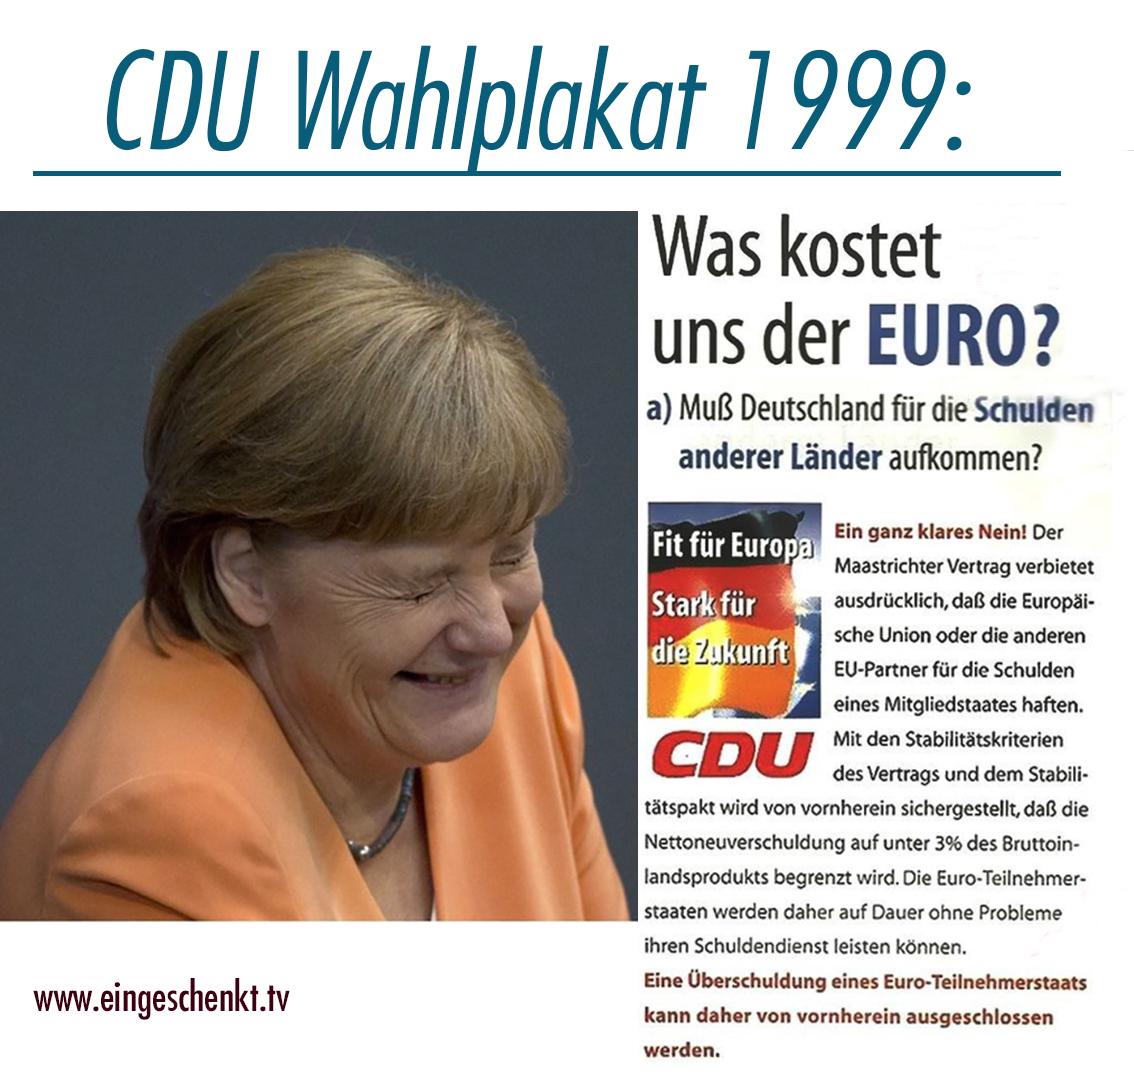 CDU Wahlplakat von 1999 | Angela Merkel